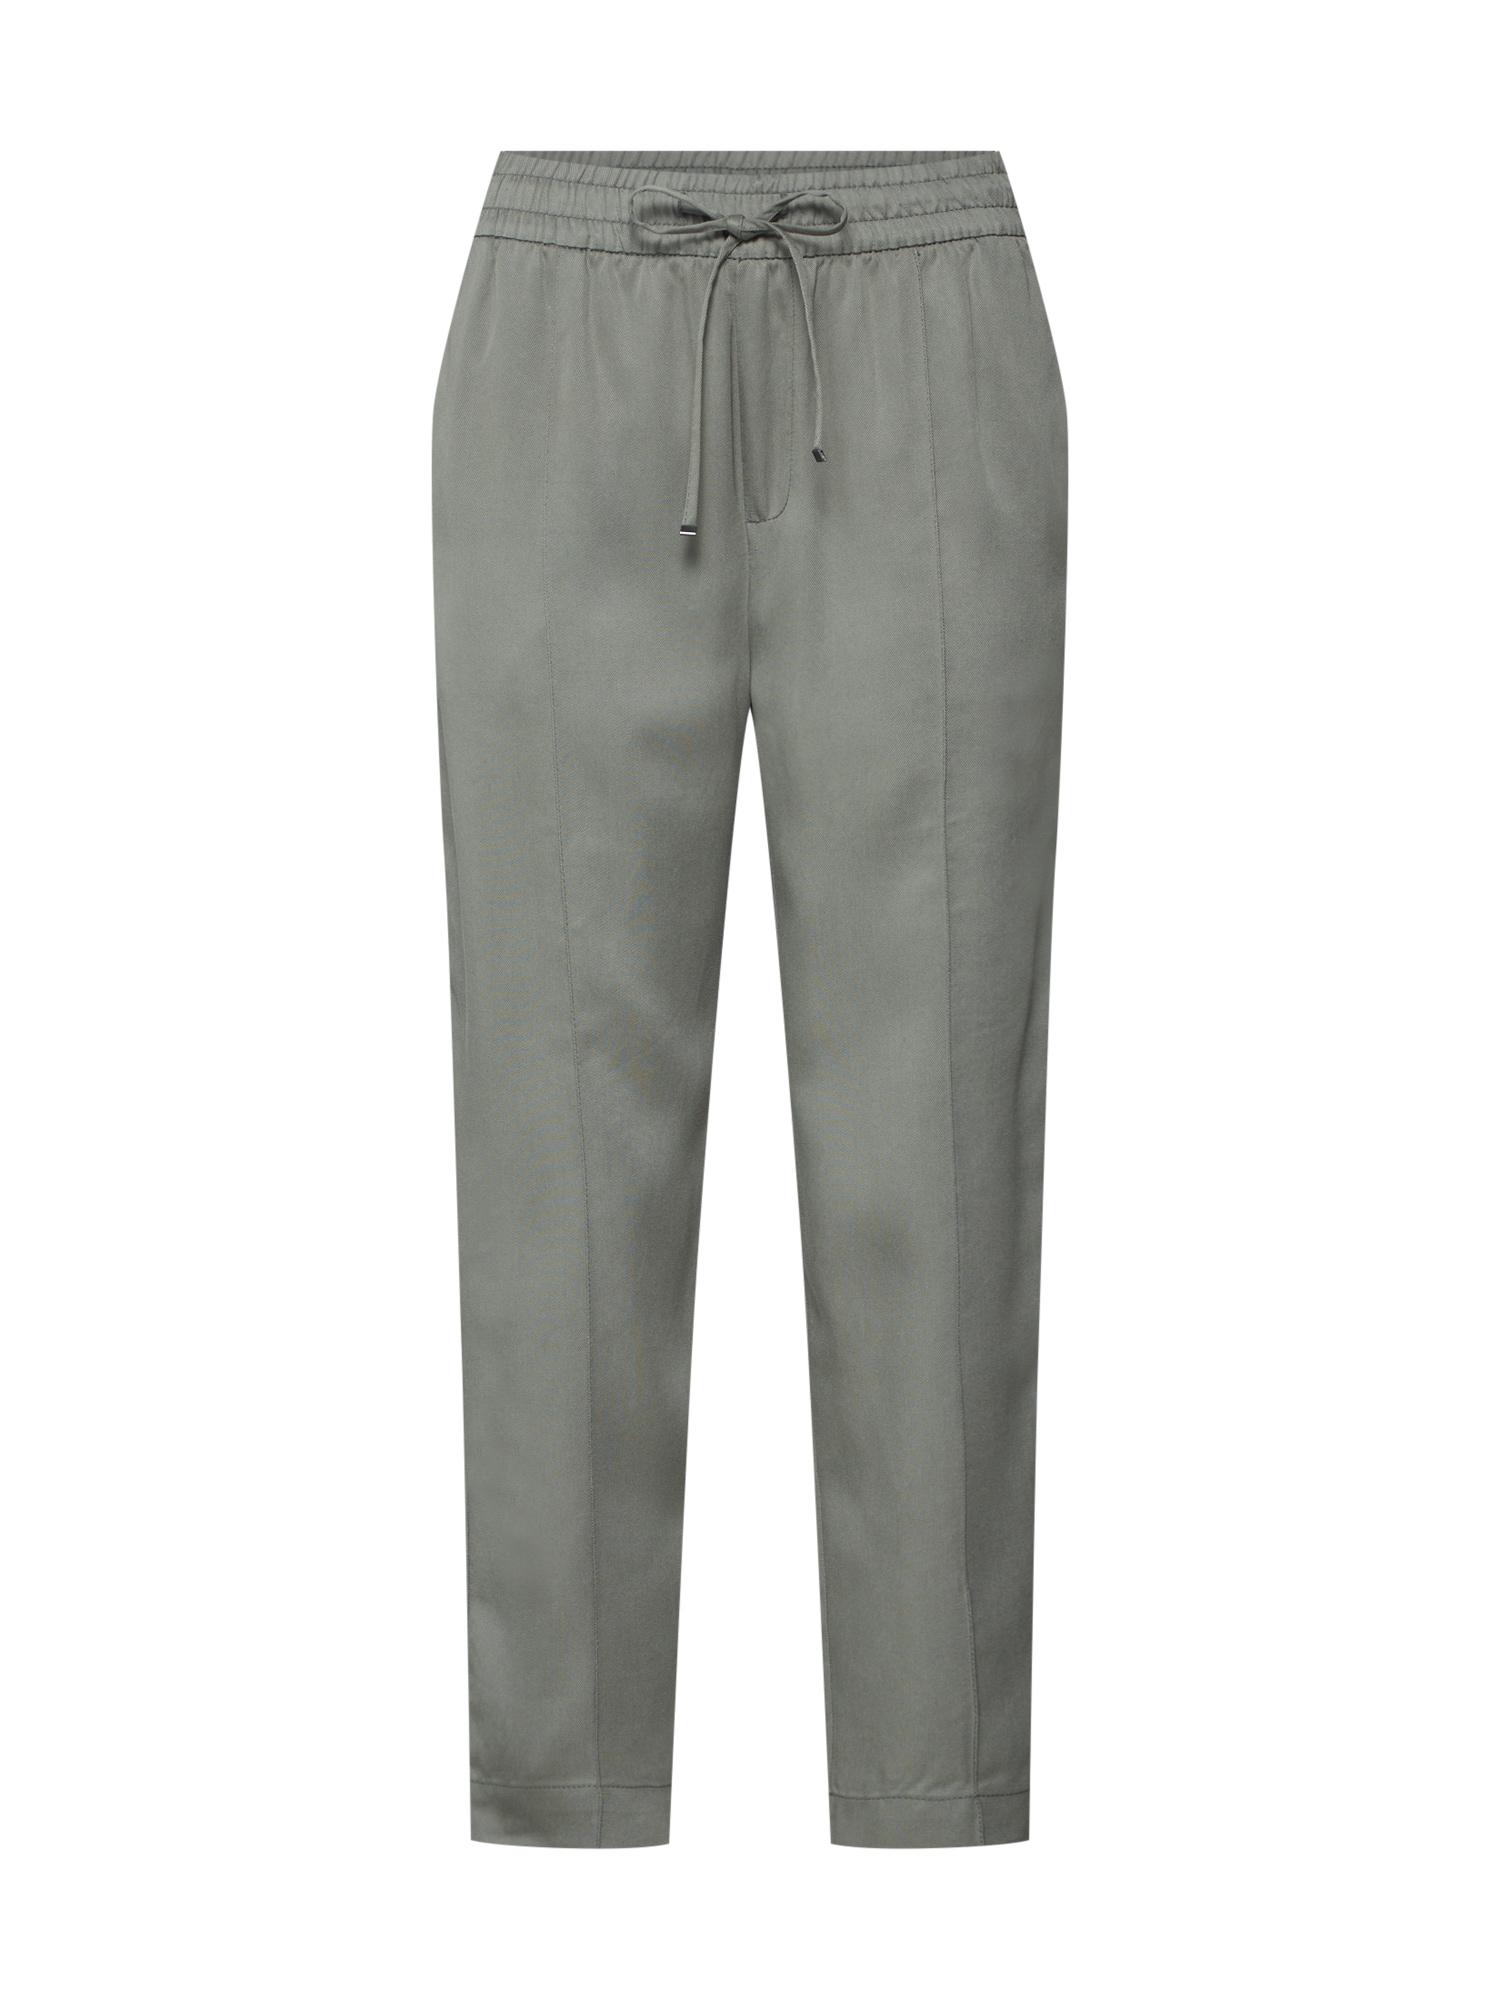 Kalhoty VERSATILE khaki GAP